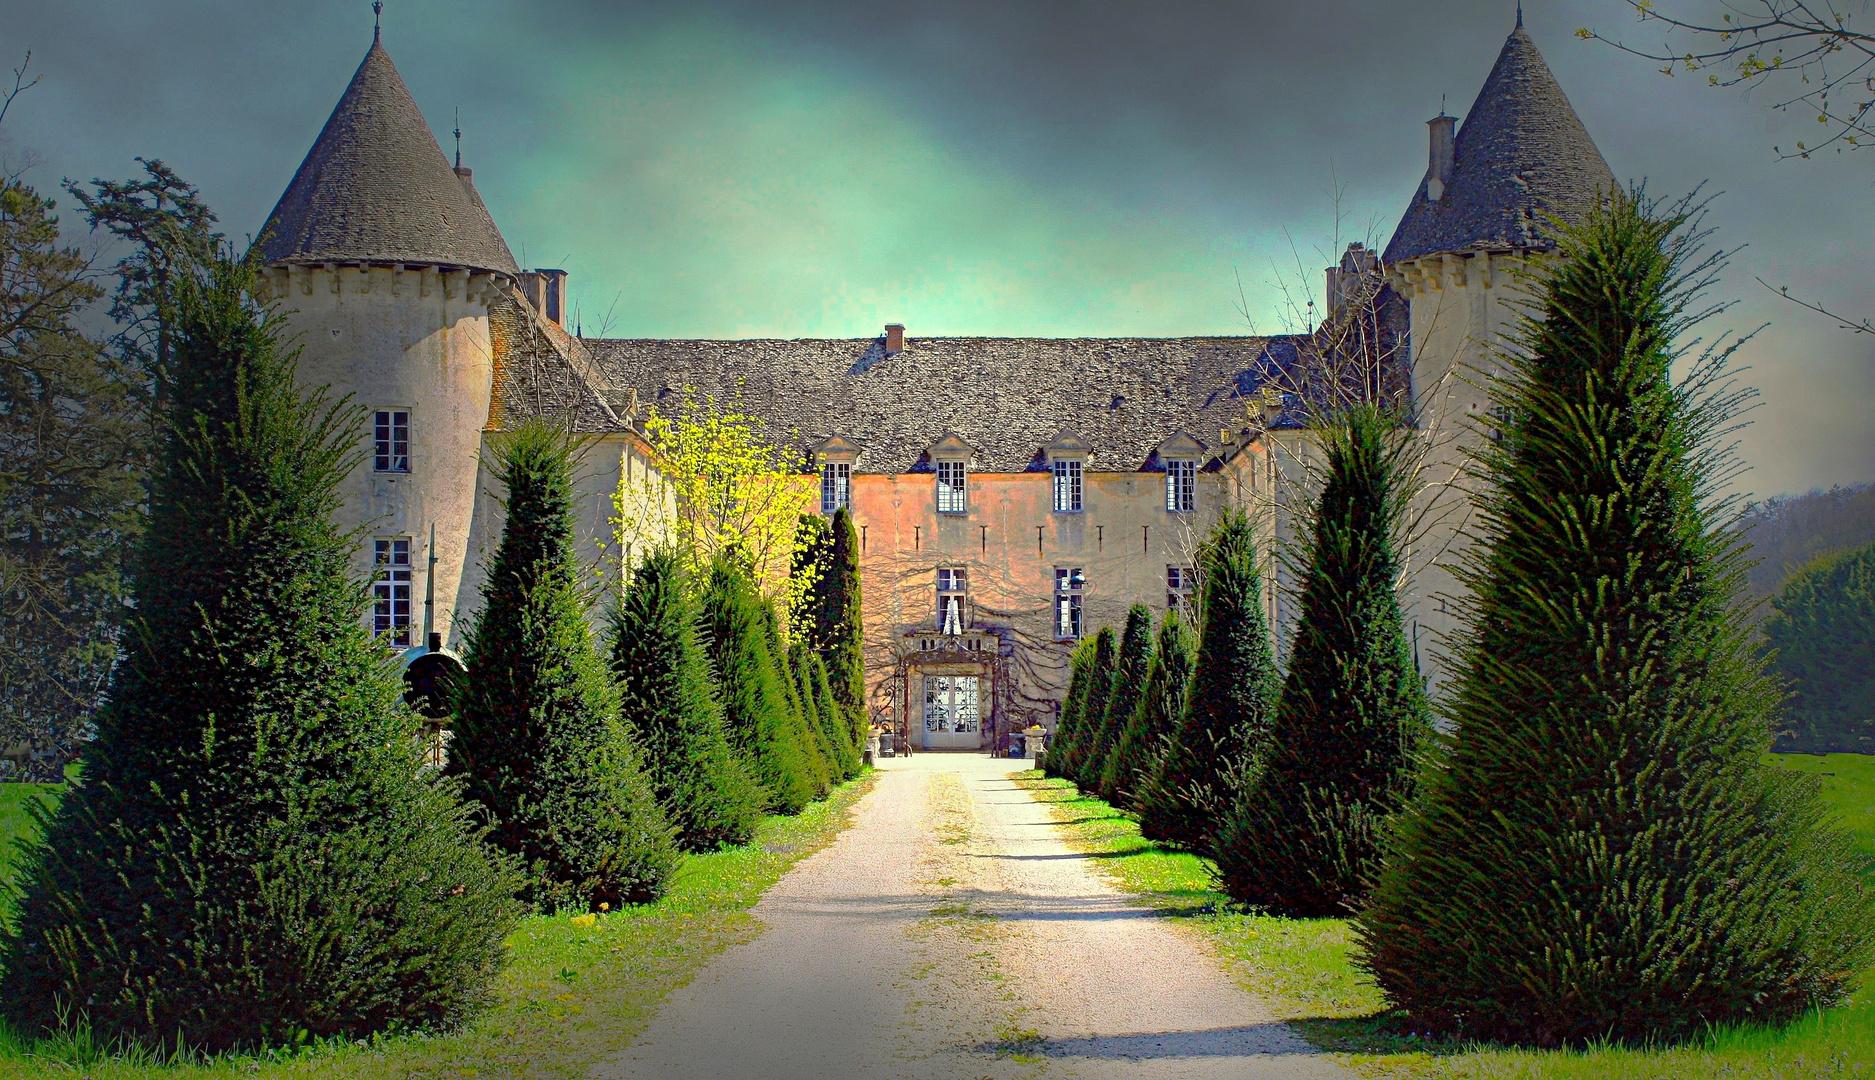 Château-musée de Savigny-lès-Beaune / Bourgogne